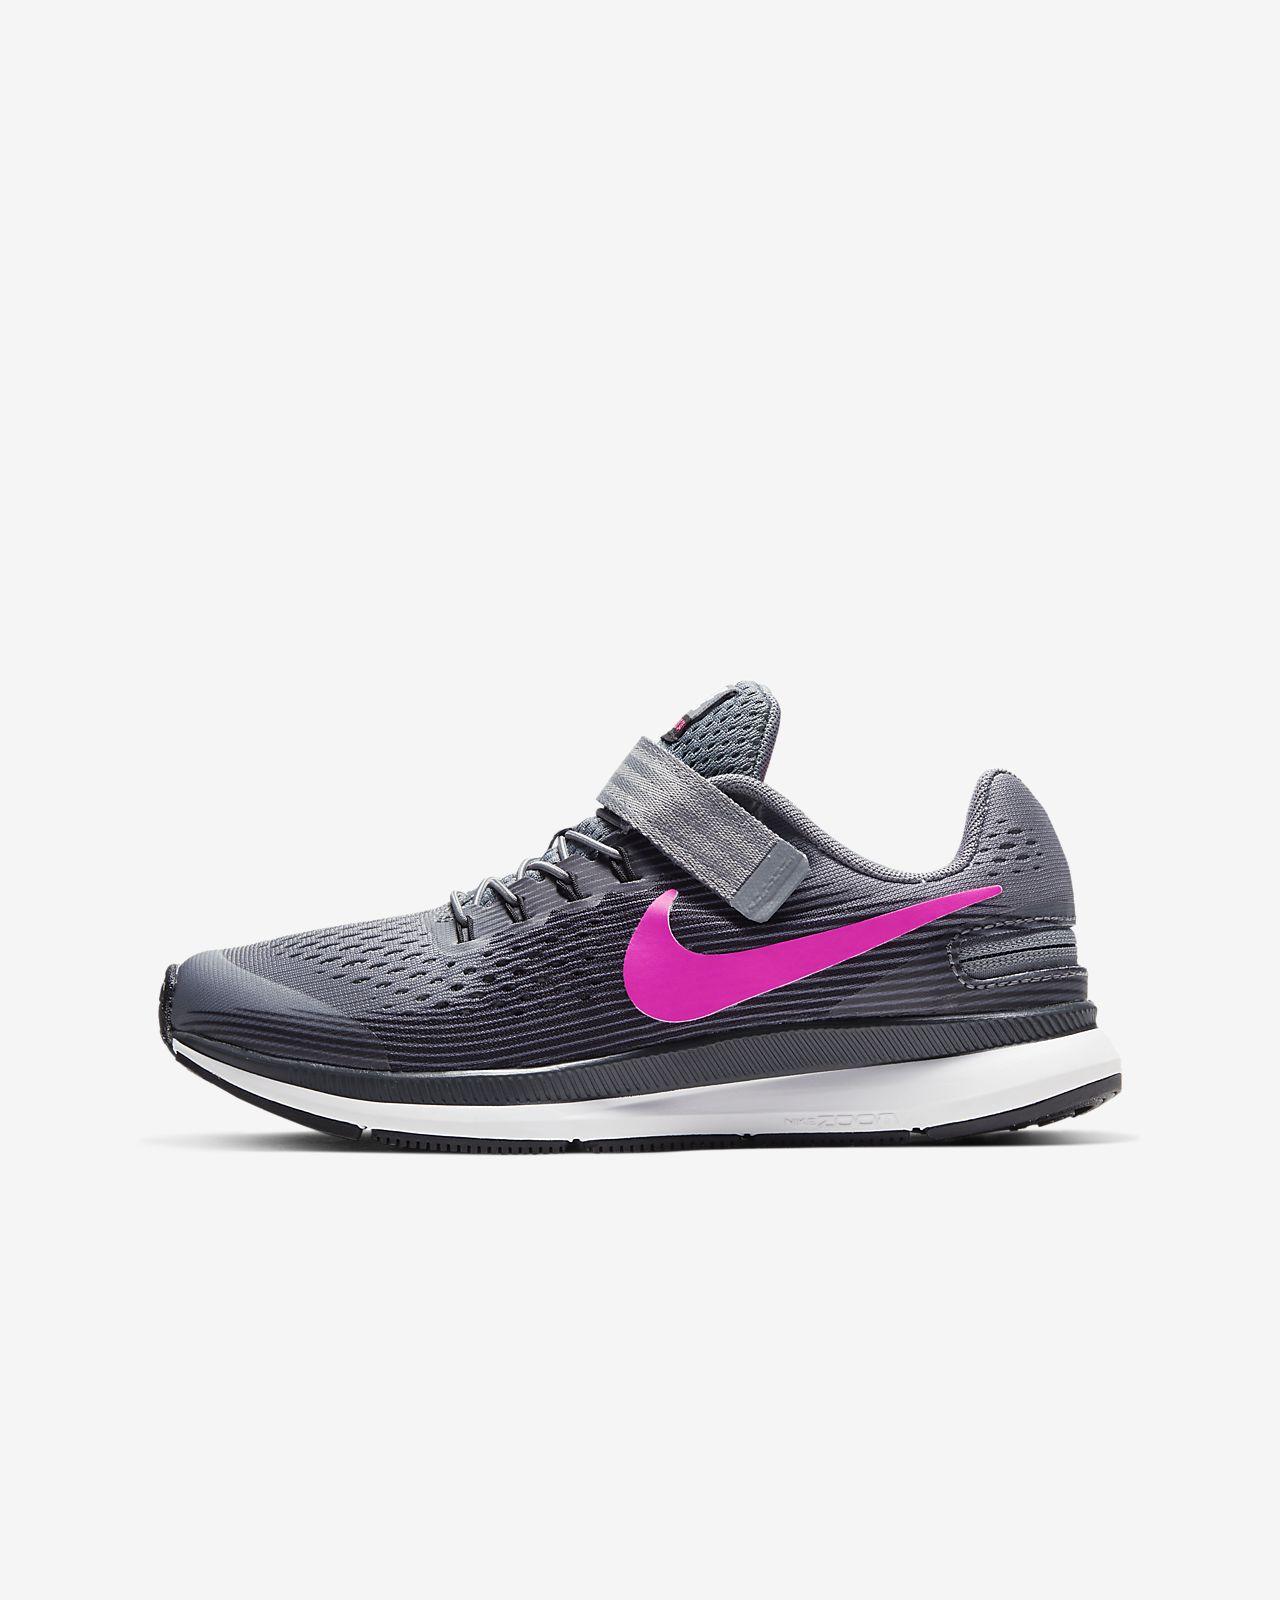 Nike Zoom Pegasus 34 FlyEase Küçük/Genç Çocuk Koşu Ayakkabısı